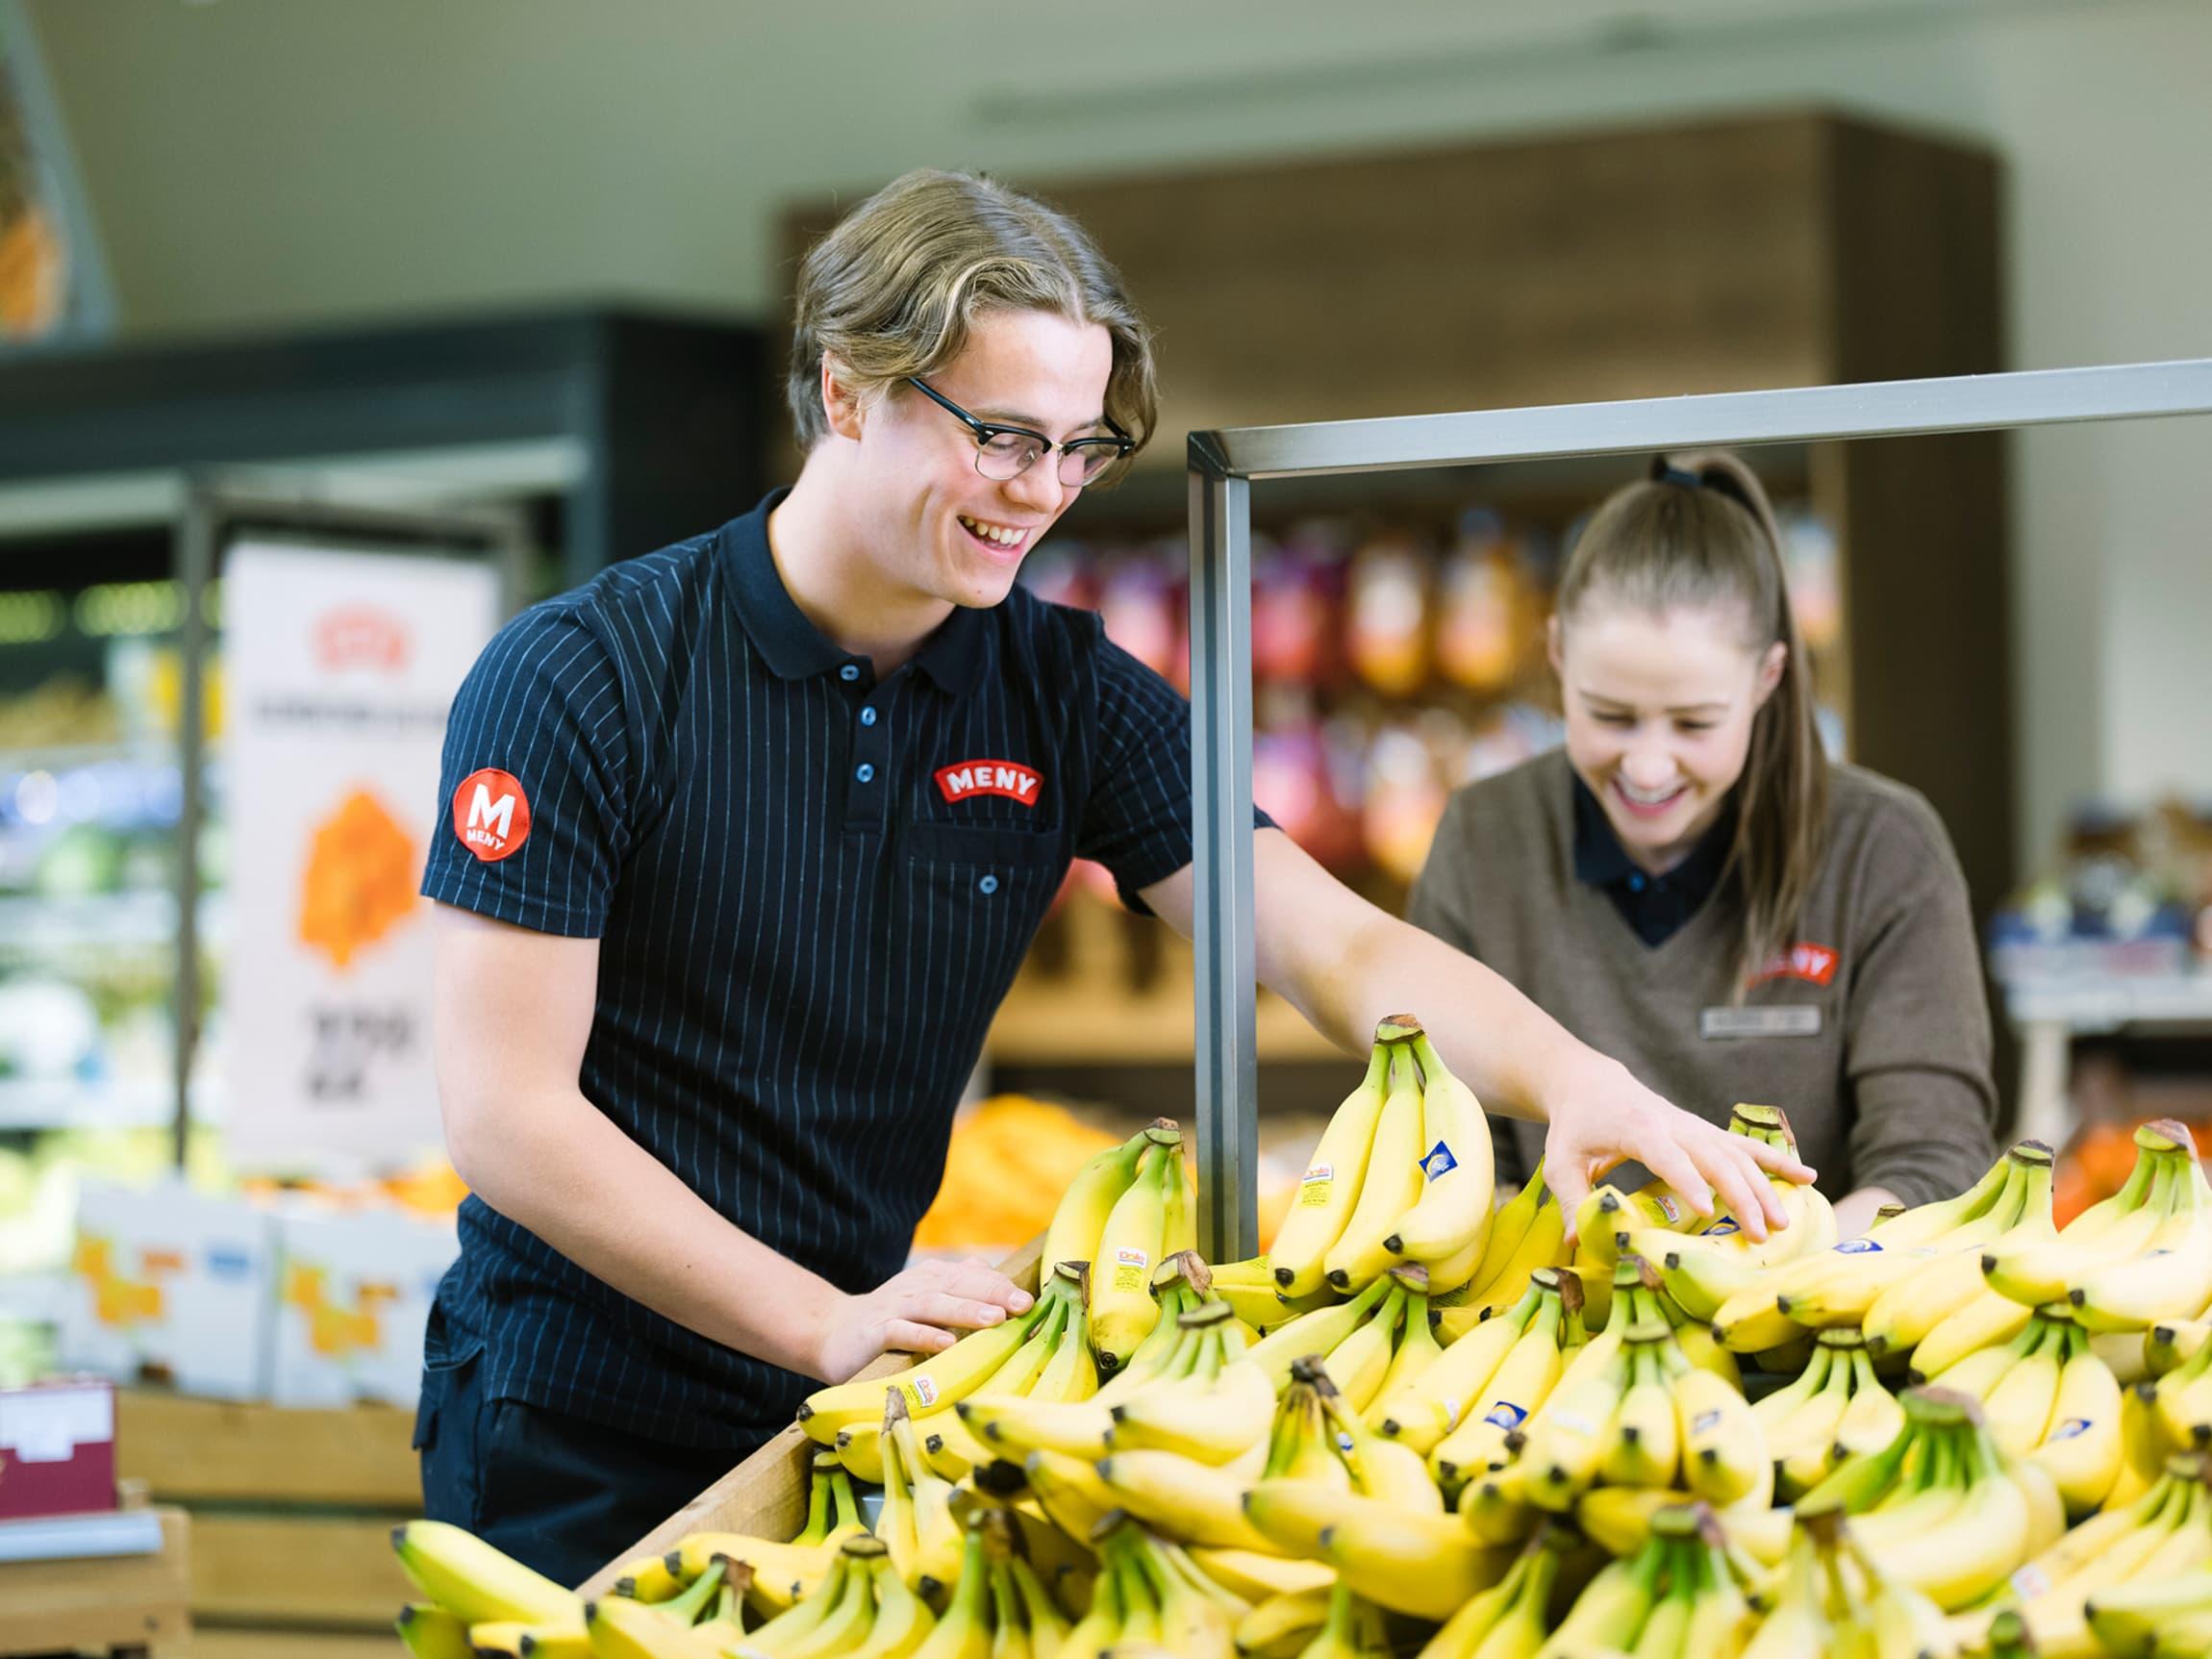 MENYs matarbeidere jobber hver eneste dag for å tilby kundene de råeste frukt-og grøntavdelingene.